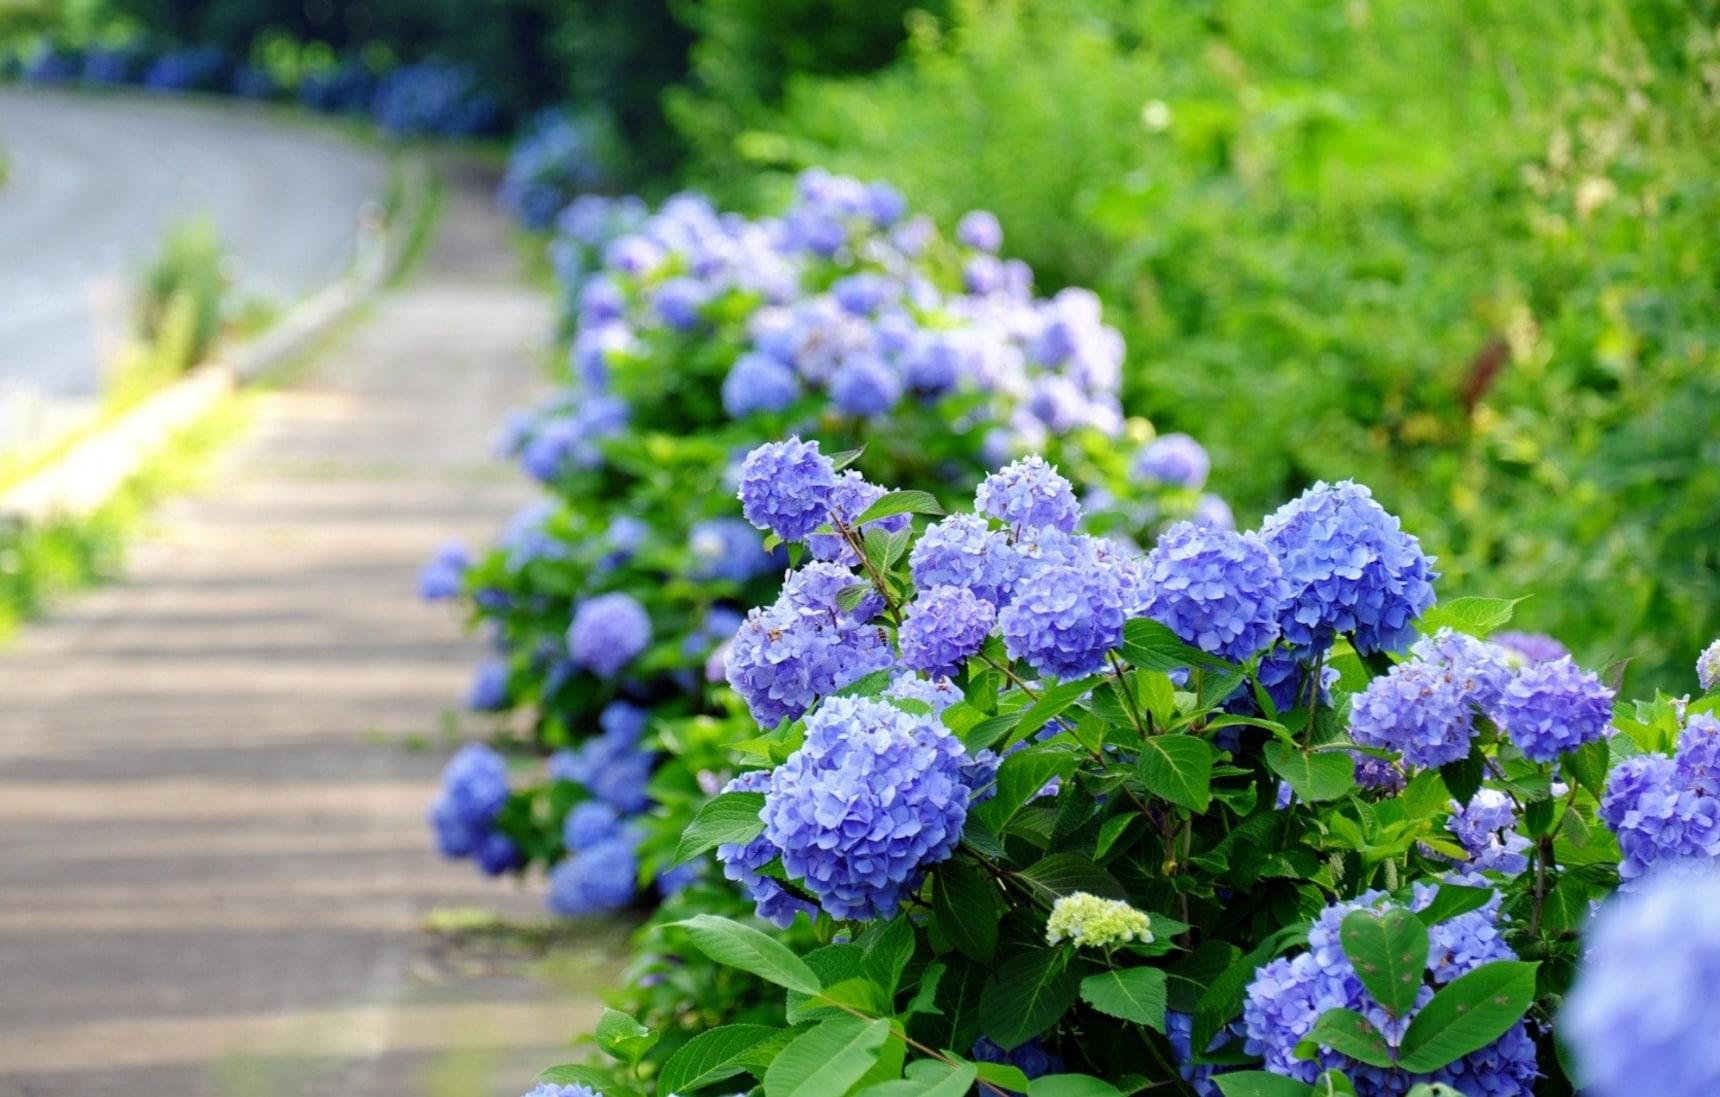 【日本梅雨季】长知识!绣球花真的是花吗?它其实有神奇的魔法!